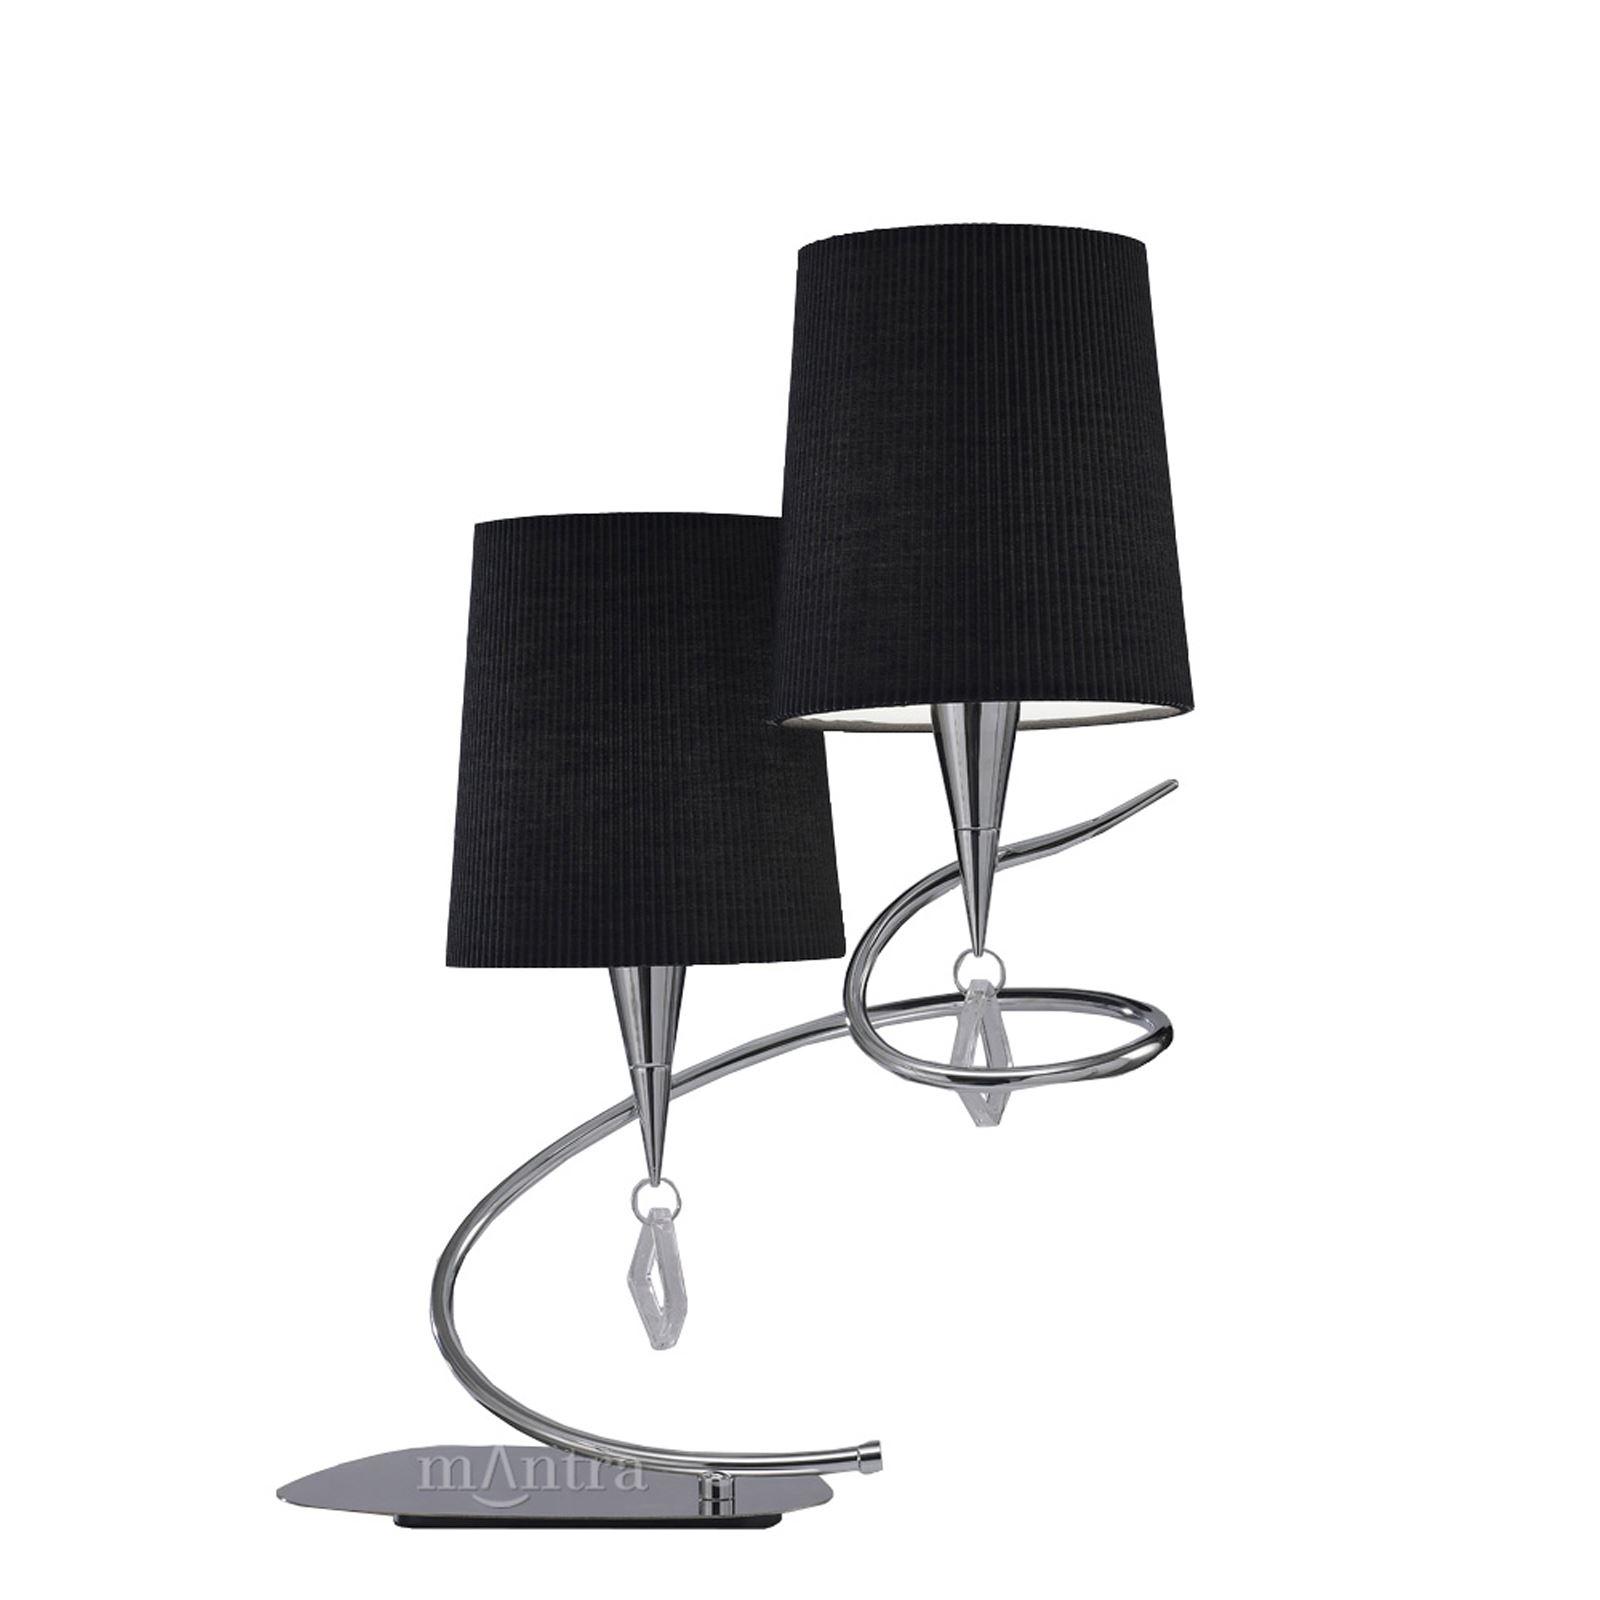 Mara Table Lamp 2 Light Polished Chrome/Black - Stylish Pleated Shade